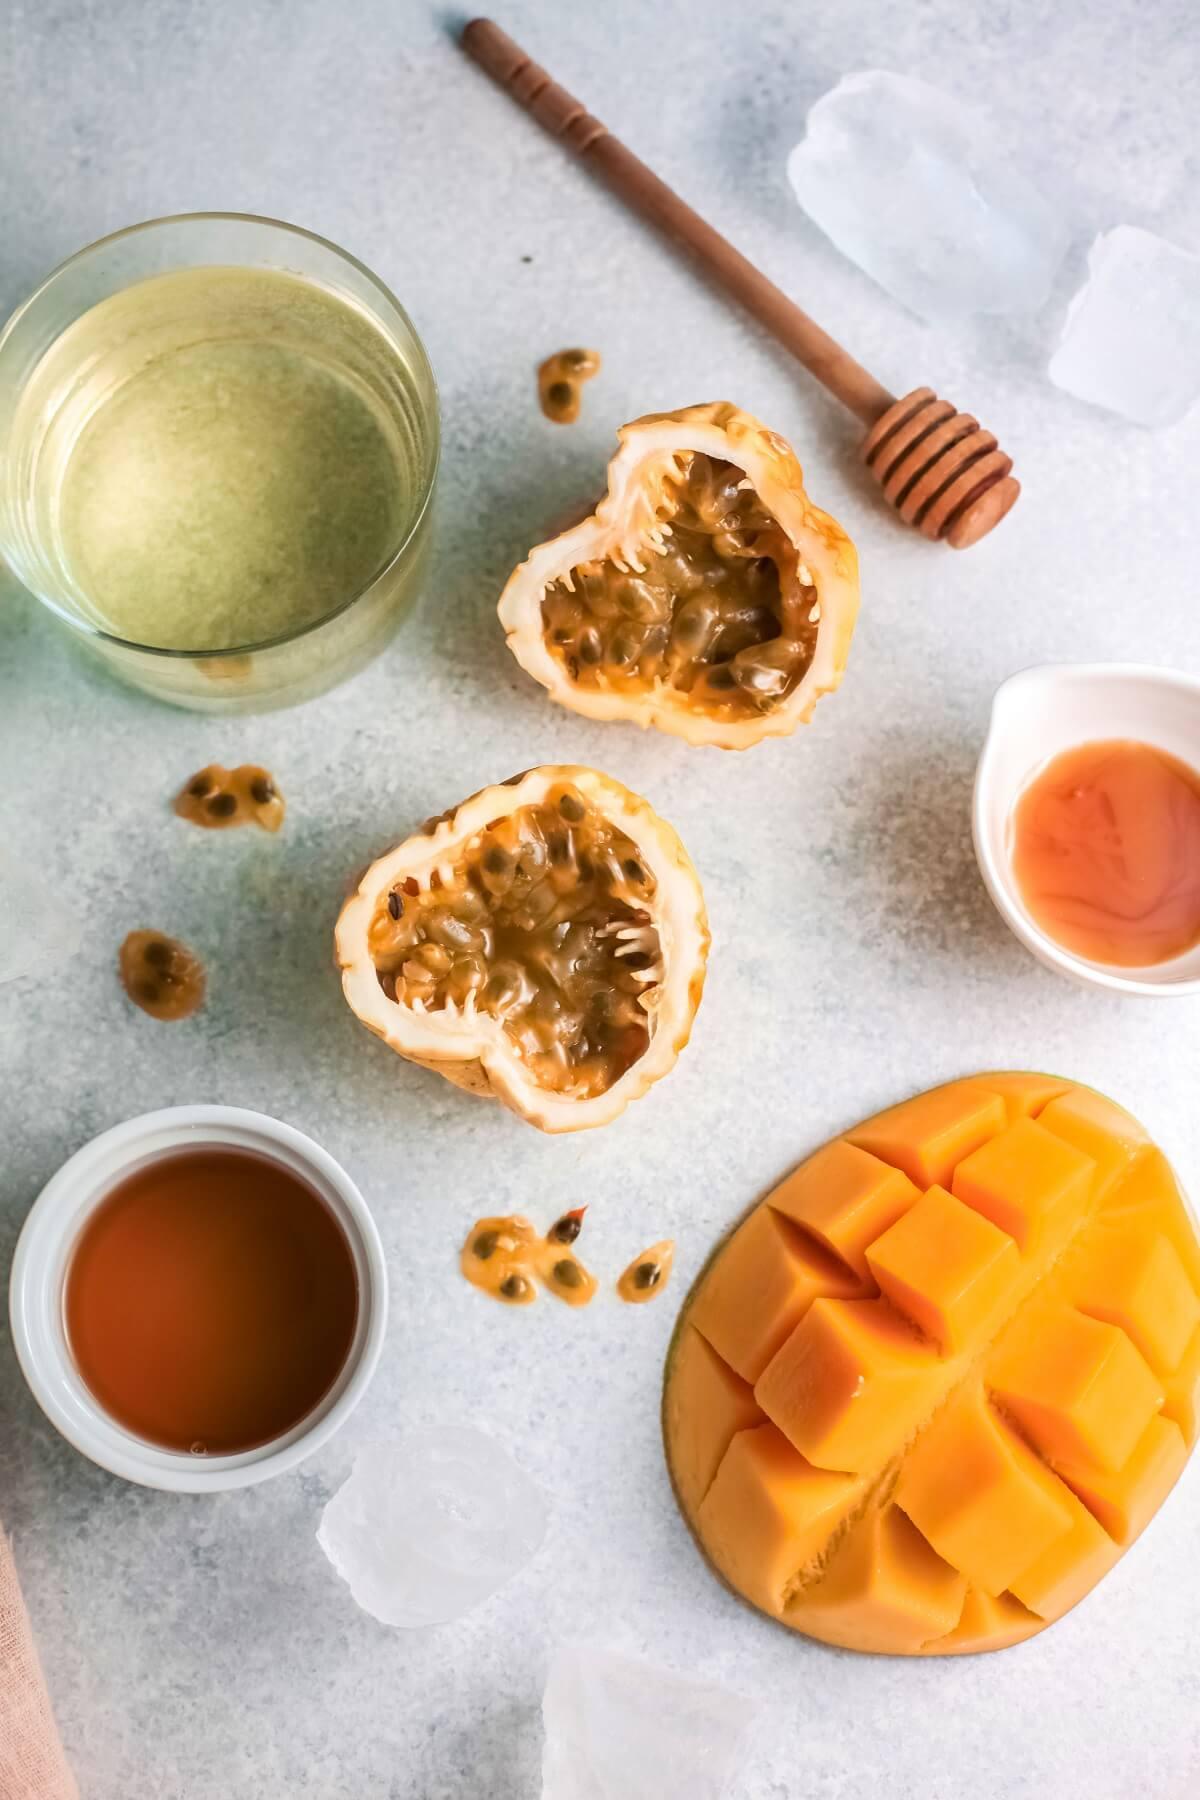 Ingredients needed to make Mango Passionfruit Wine Slushies.